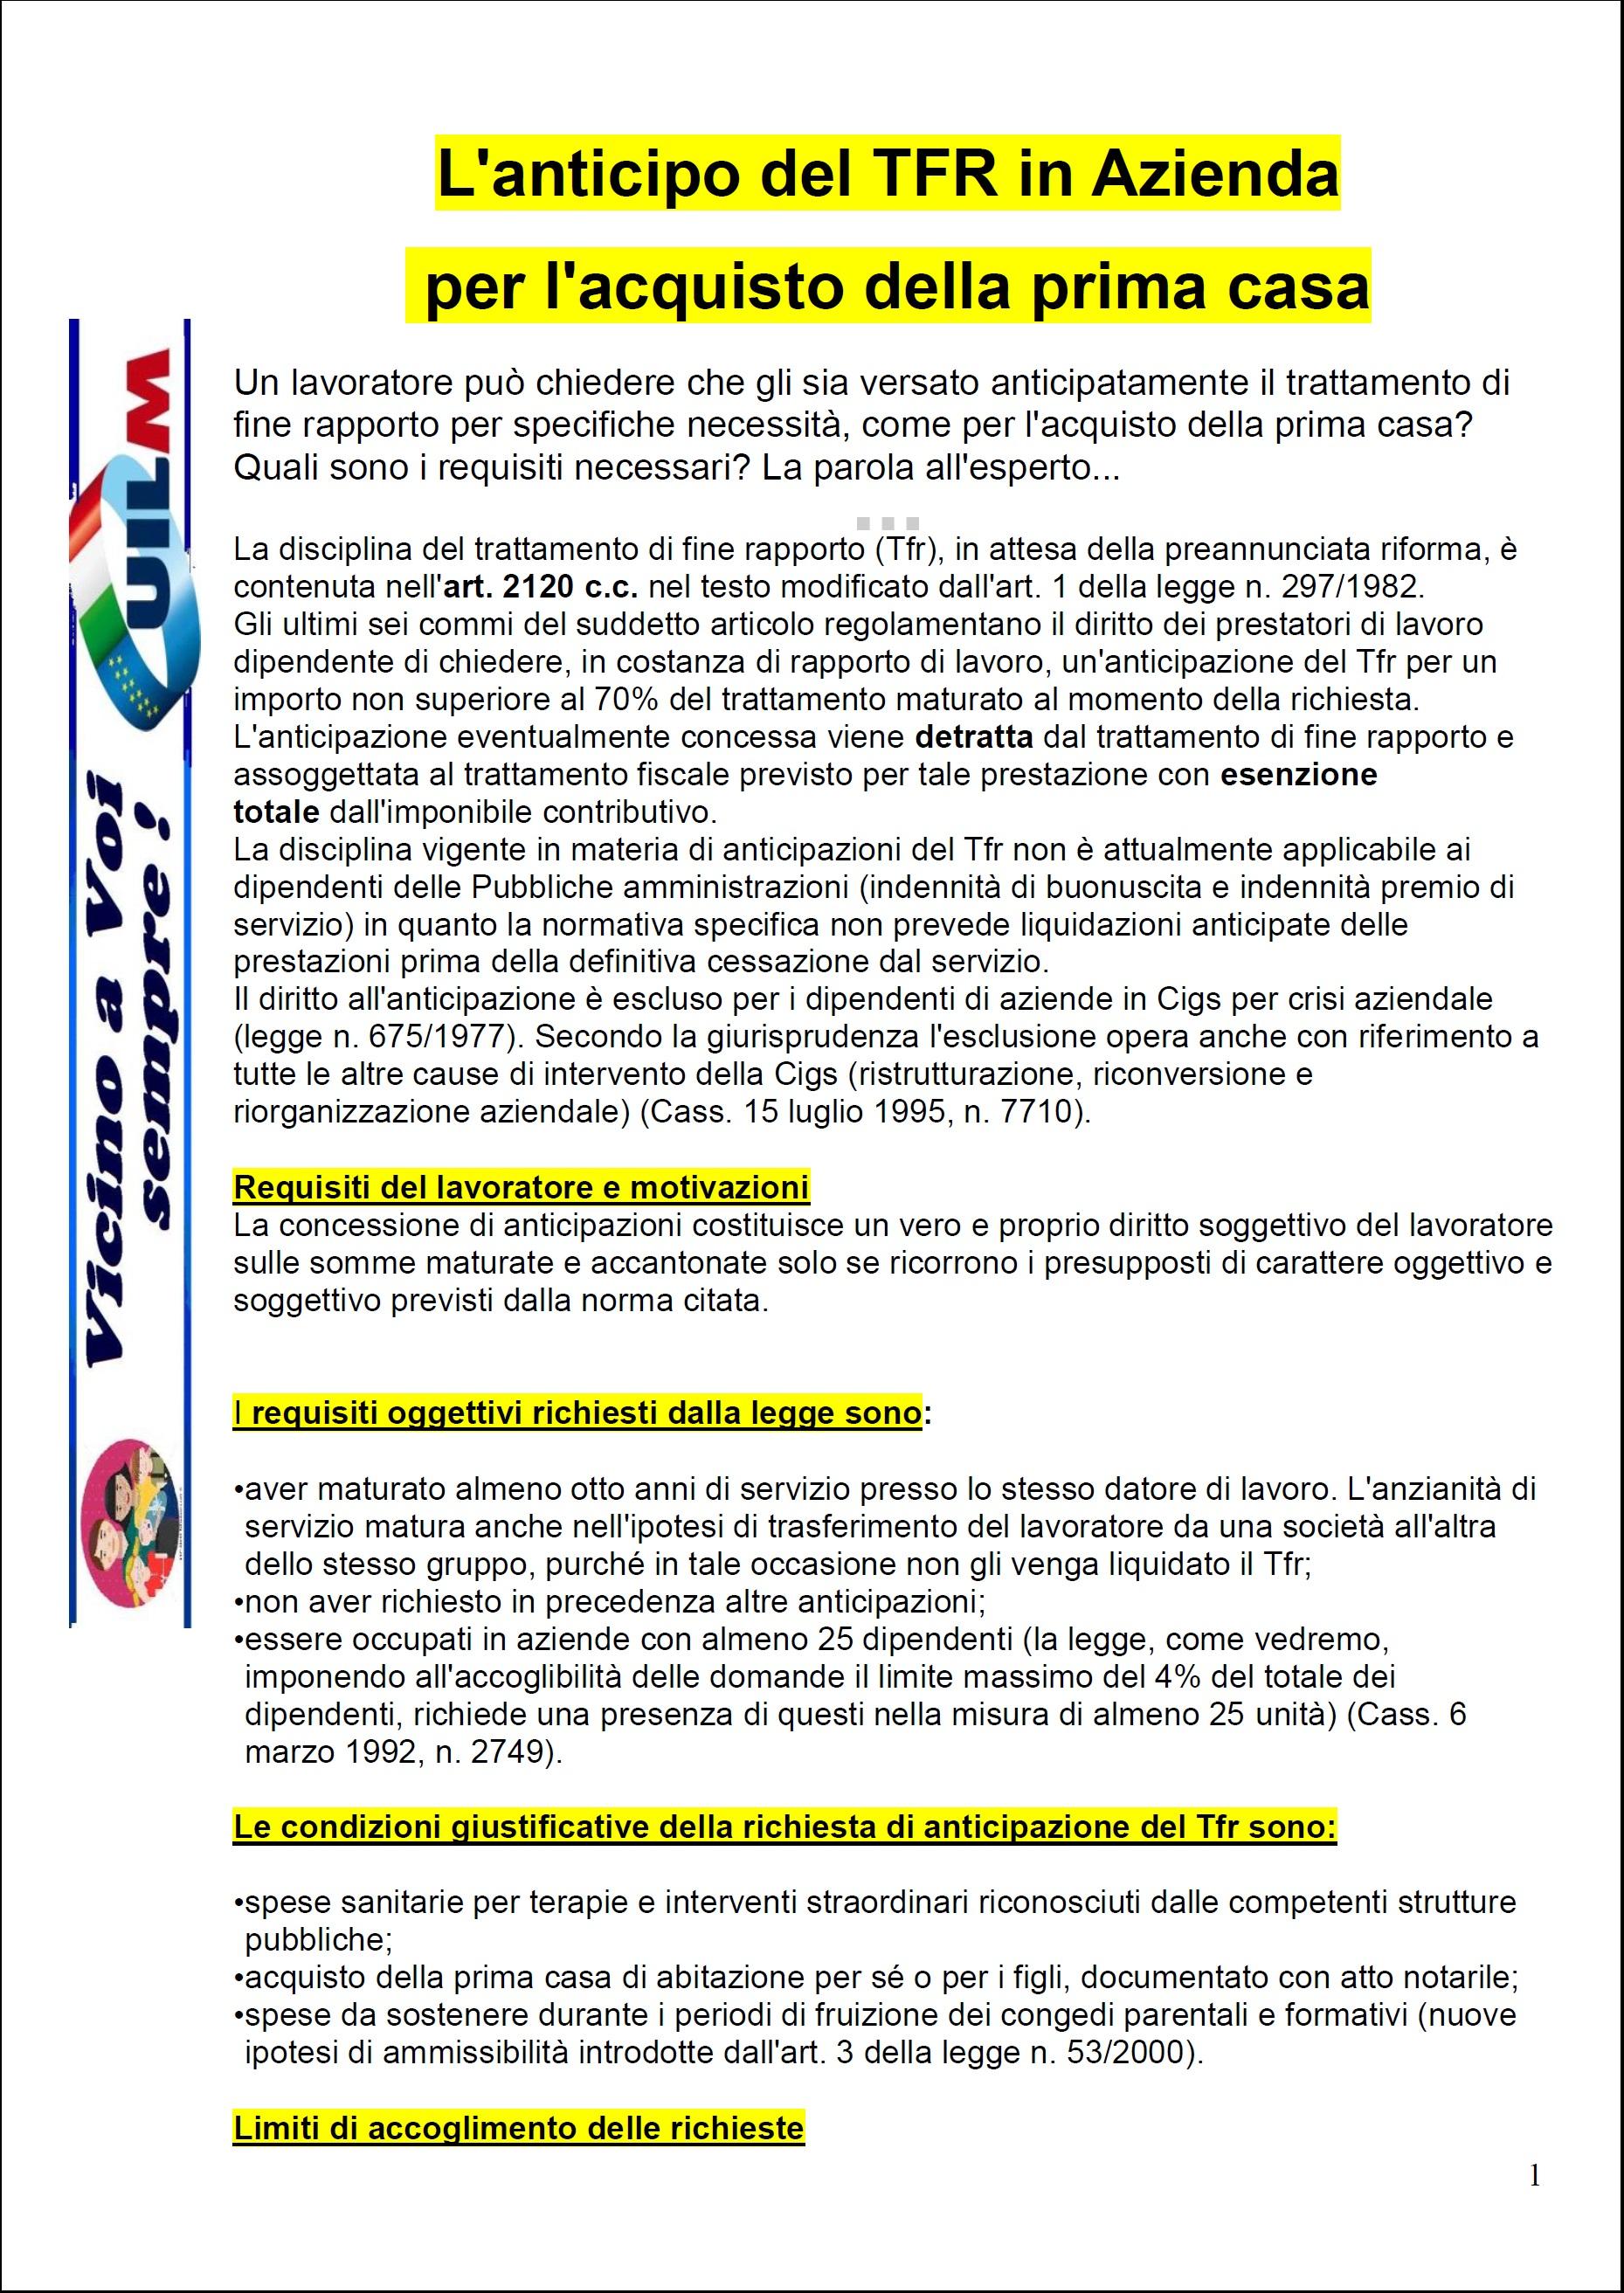 Anticipazione tfr liquidazione uilm provincia di cuneo - Anticipo per acquisto casa ...